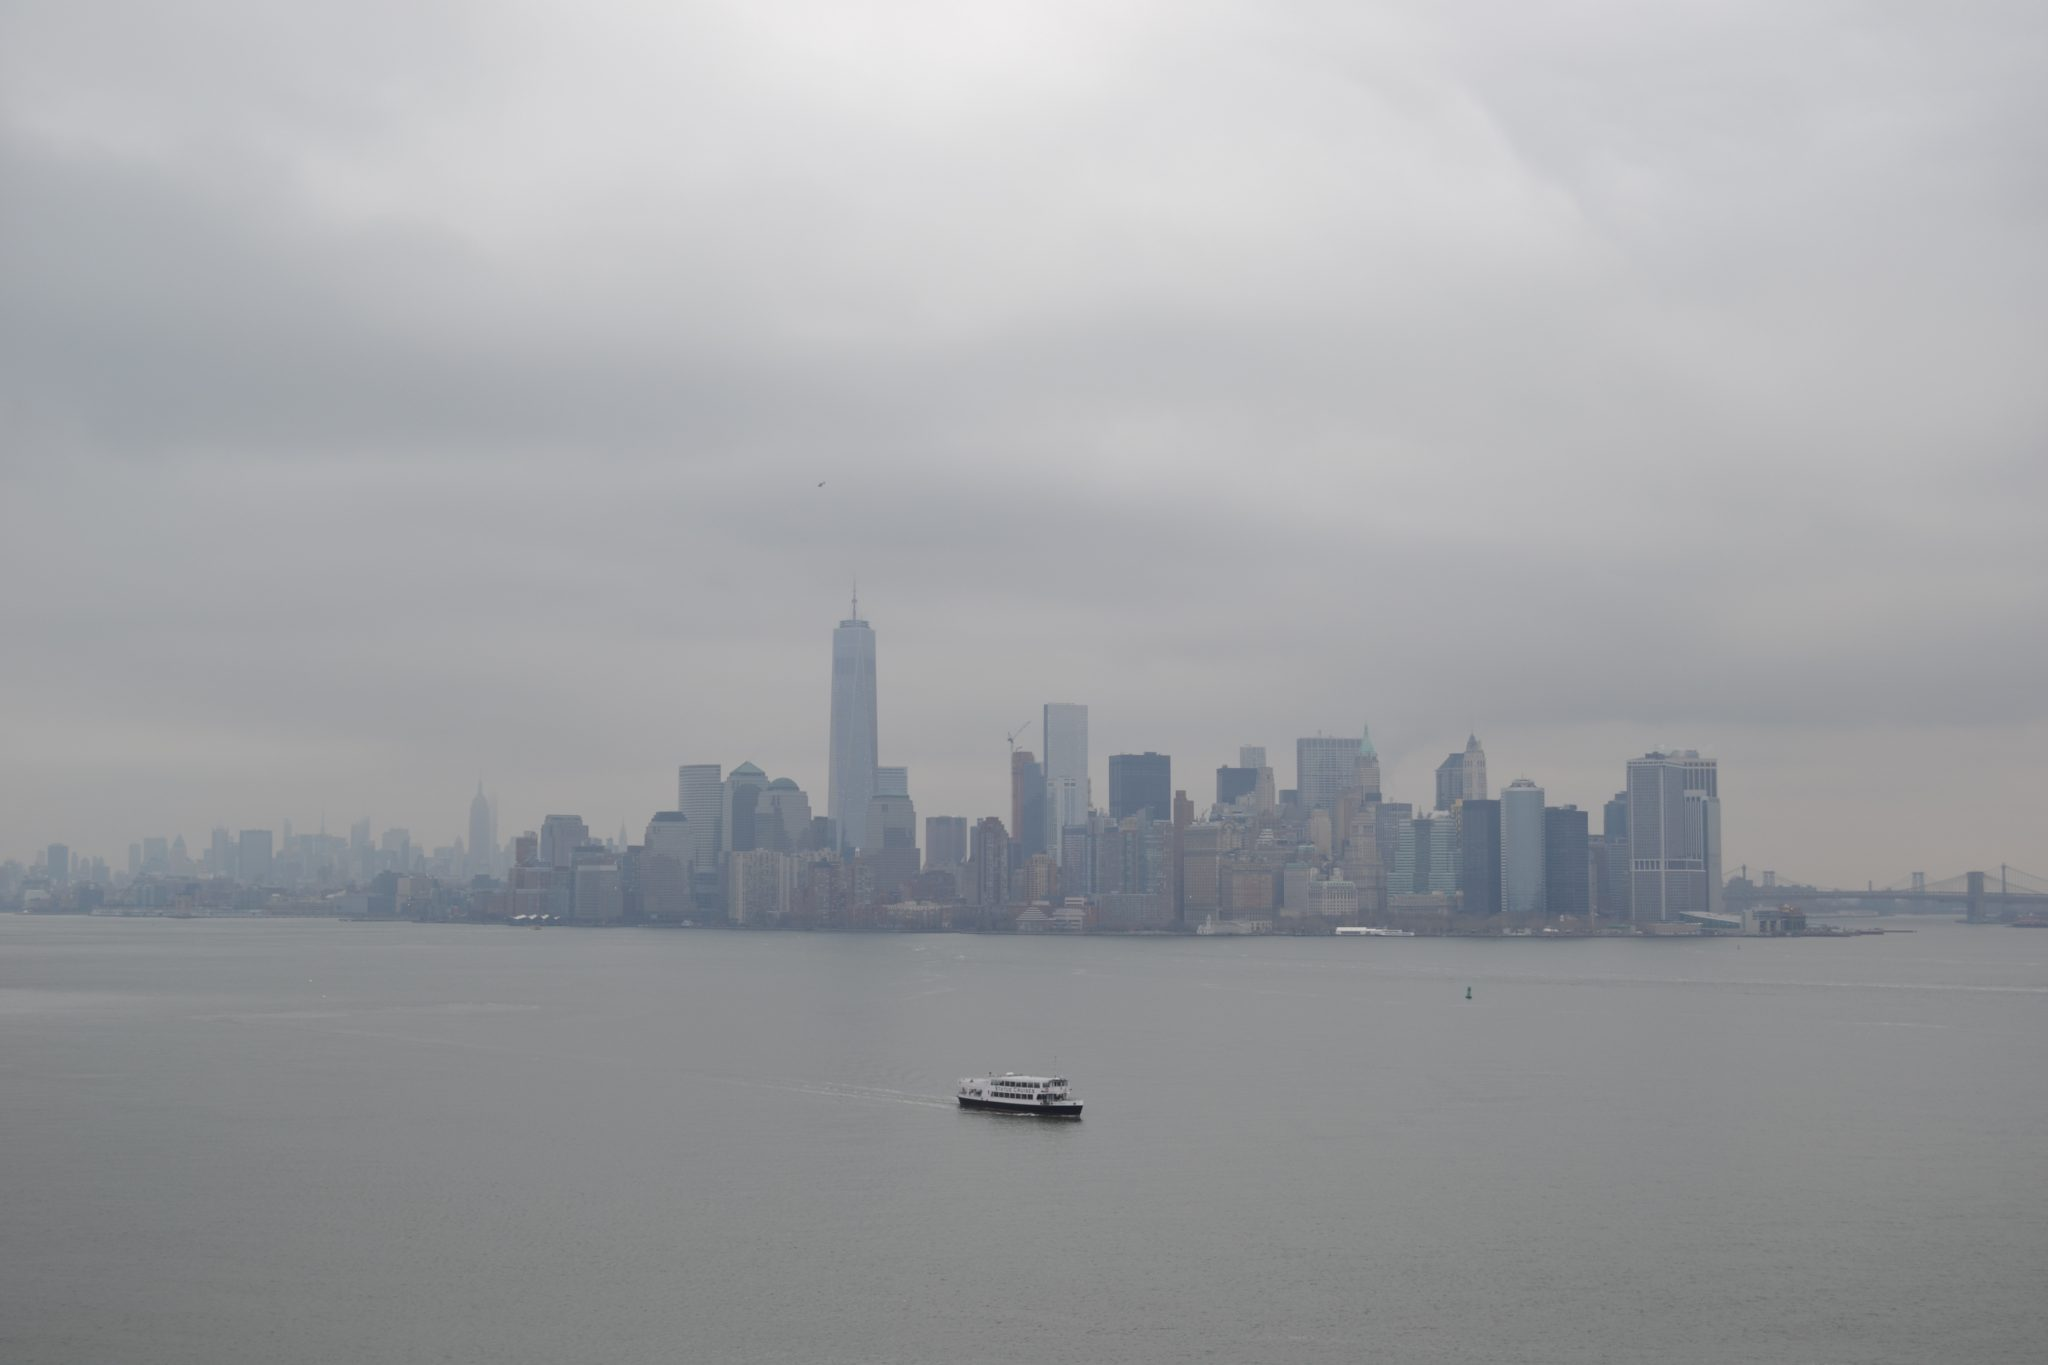 Eine Woche in New York: Ellis Island & Freiheitsstatue - dsc 0442